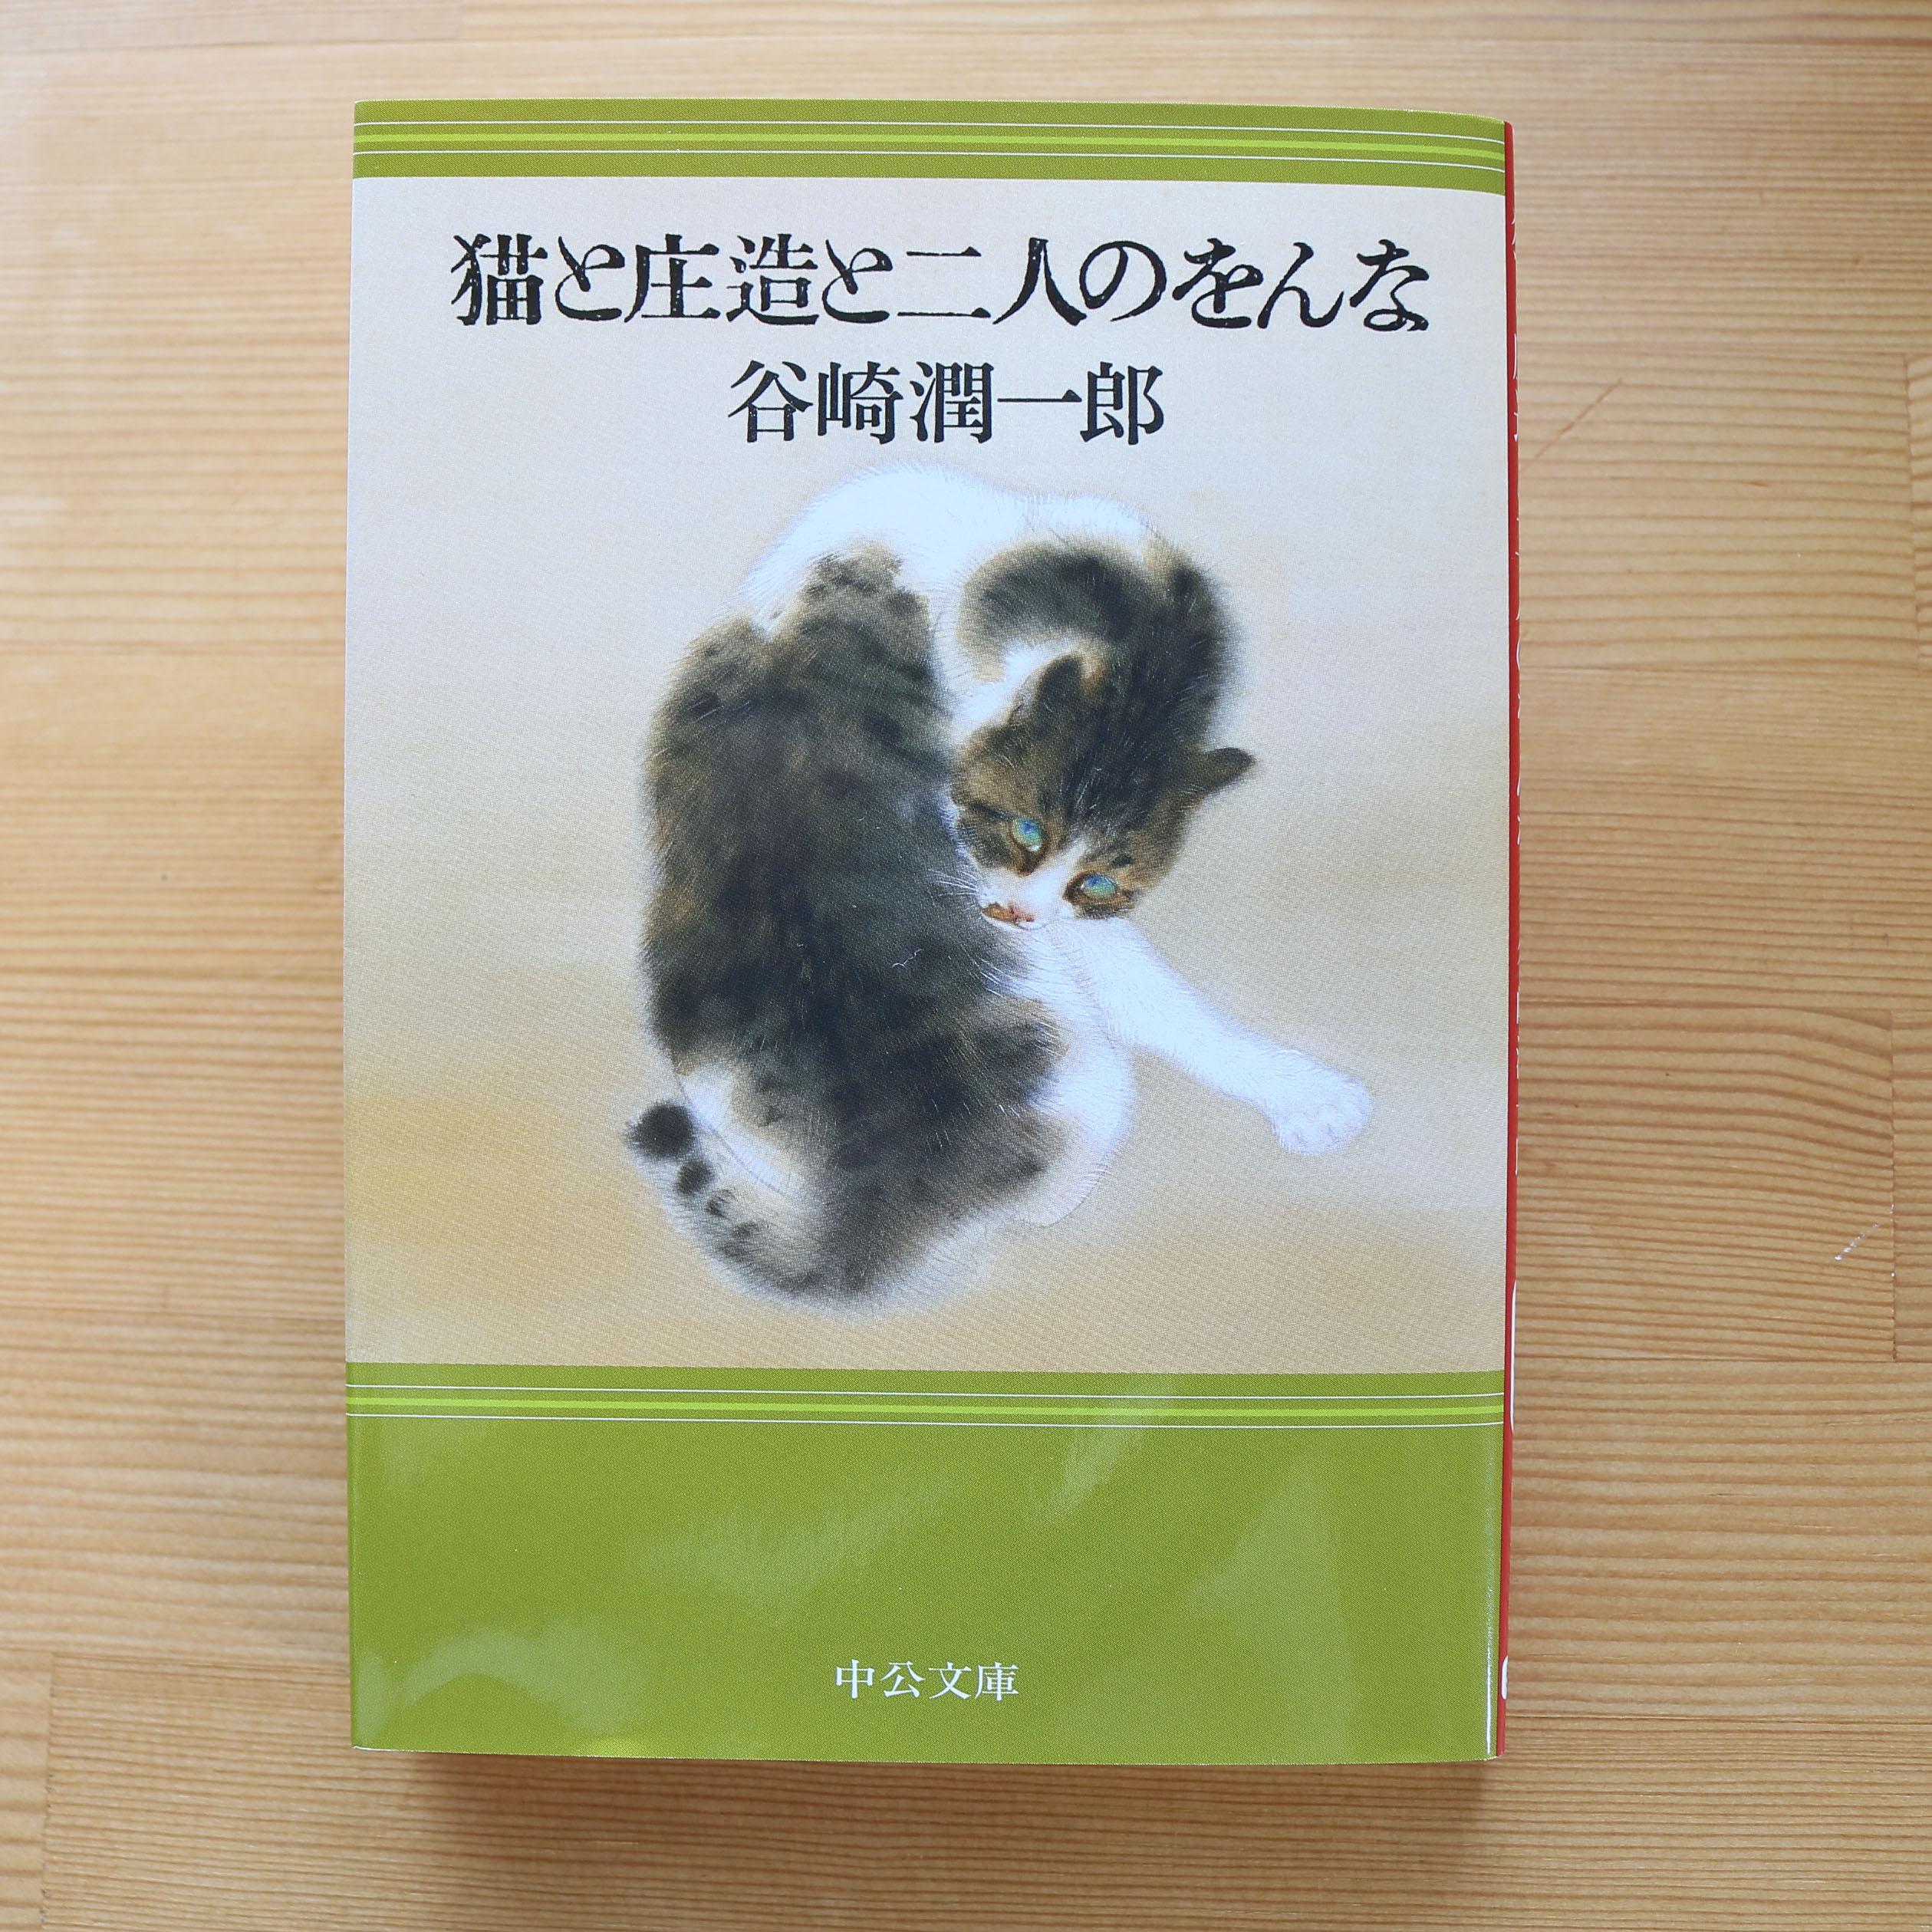 猫と庄造と二人のをんな 谷崎潤一郎 秋田 絵本 かぎしっぽ 猫絵本